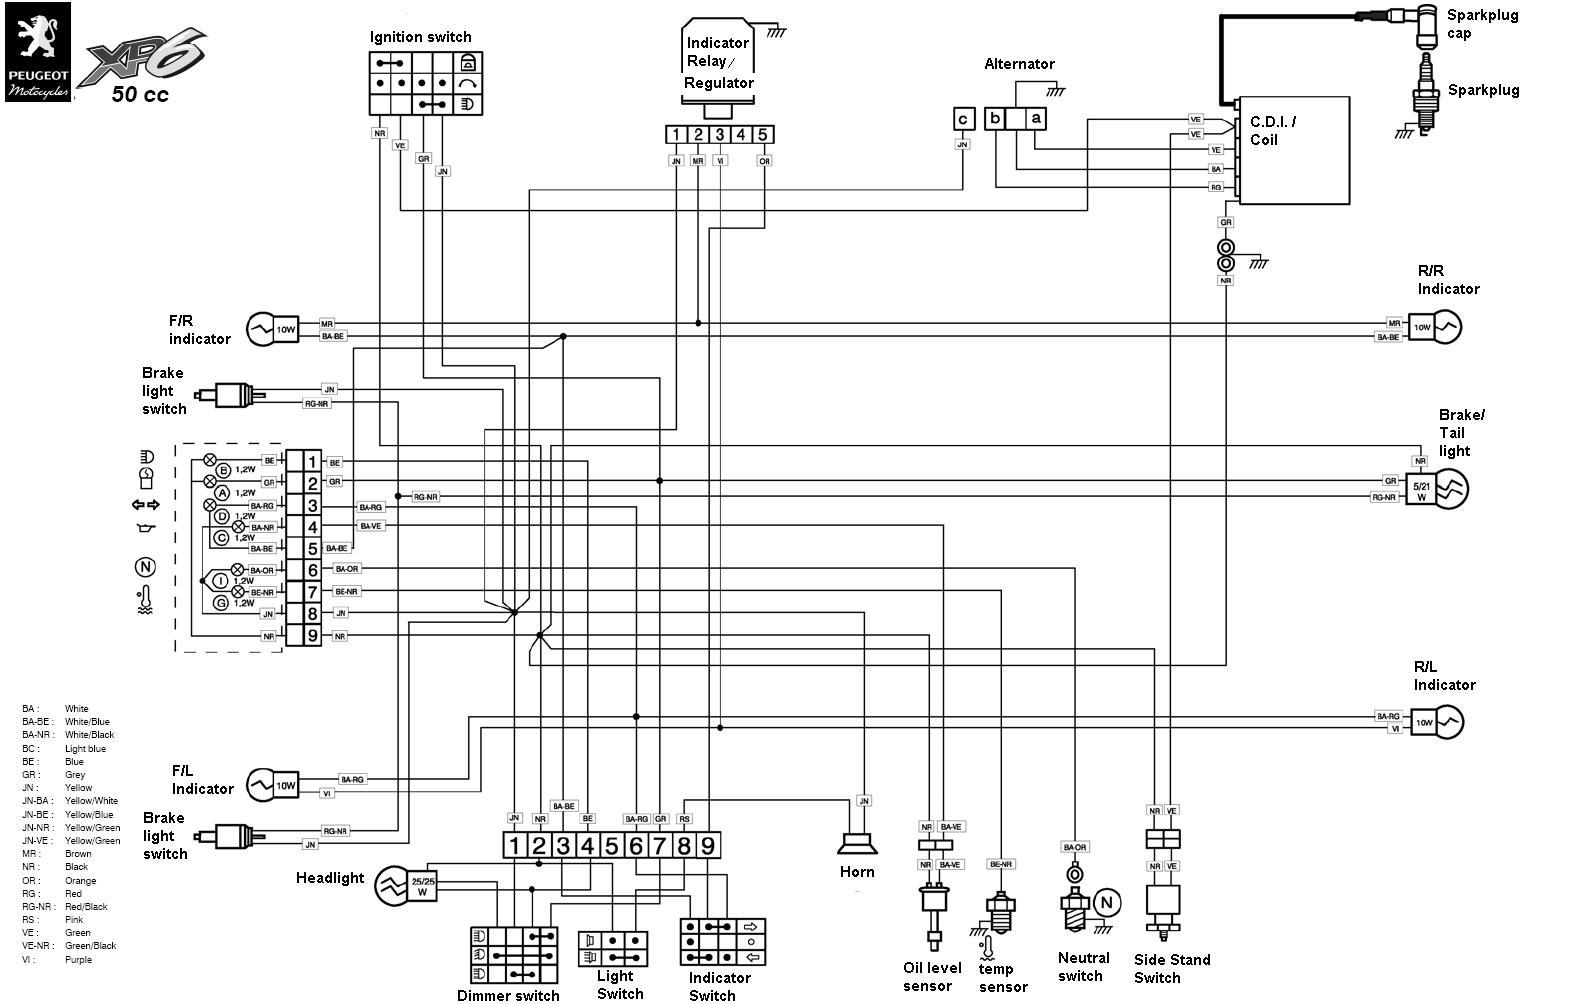 Схема электрооборудования мотоциклов Peugeot XP6 50cc